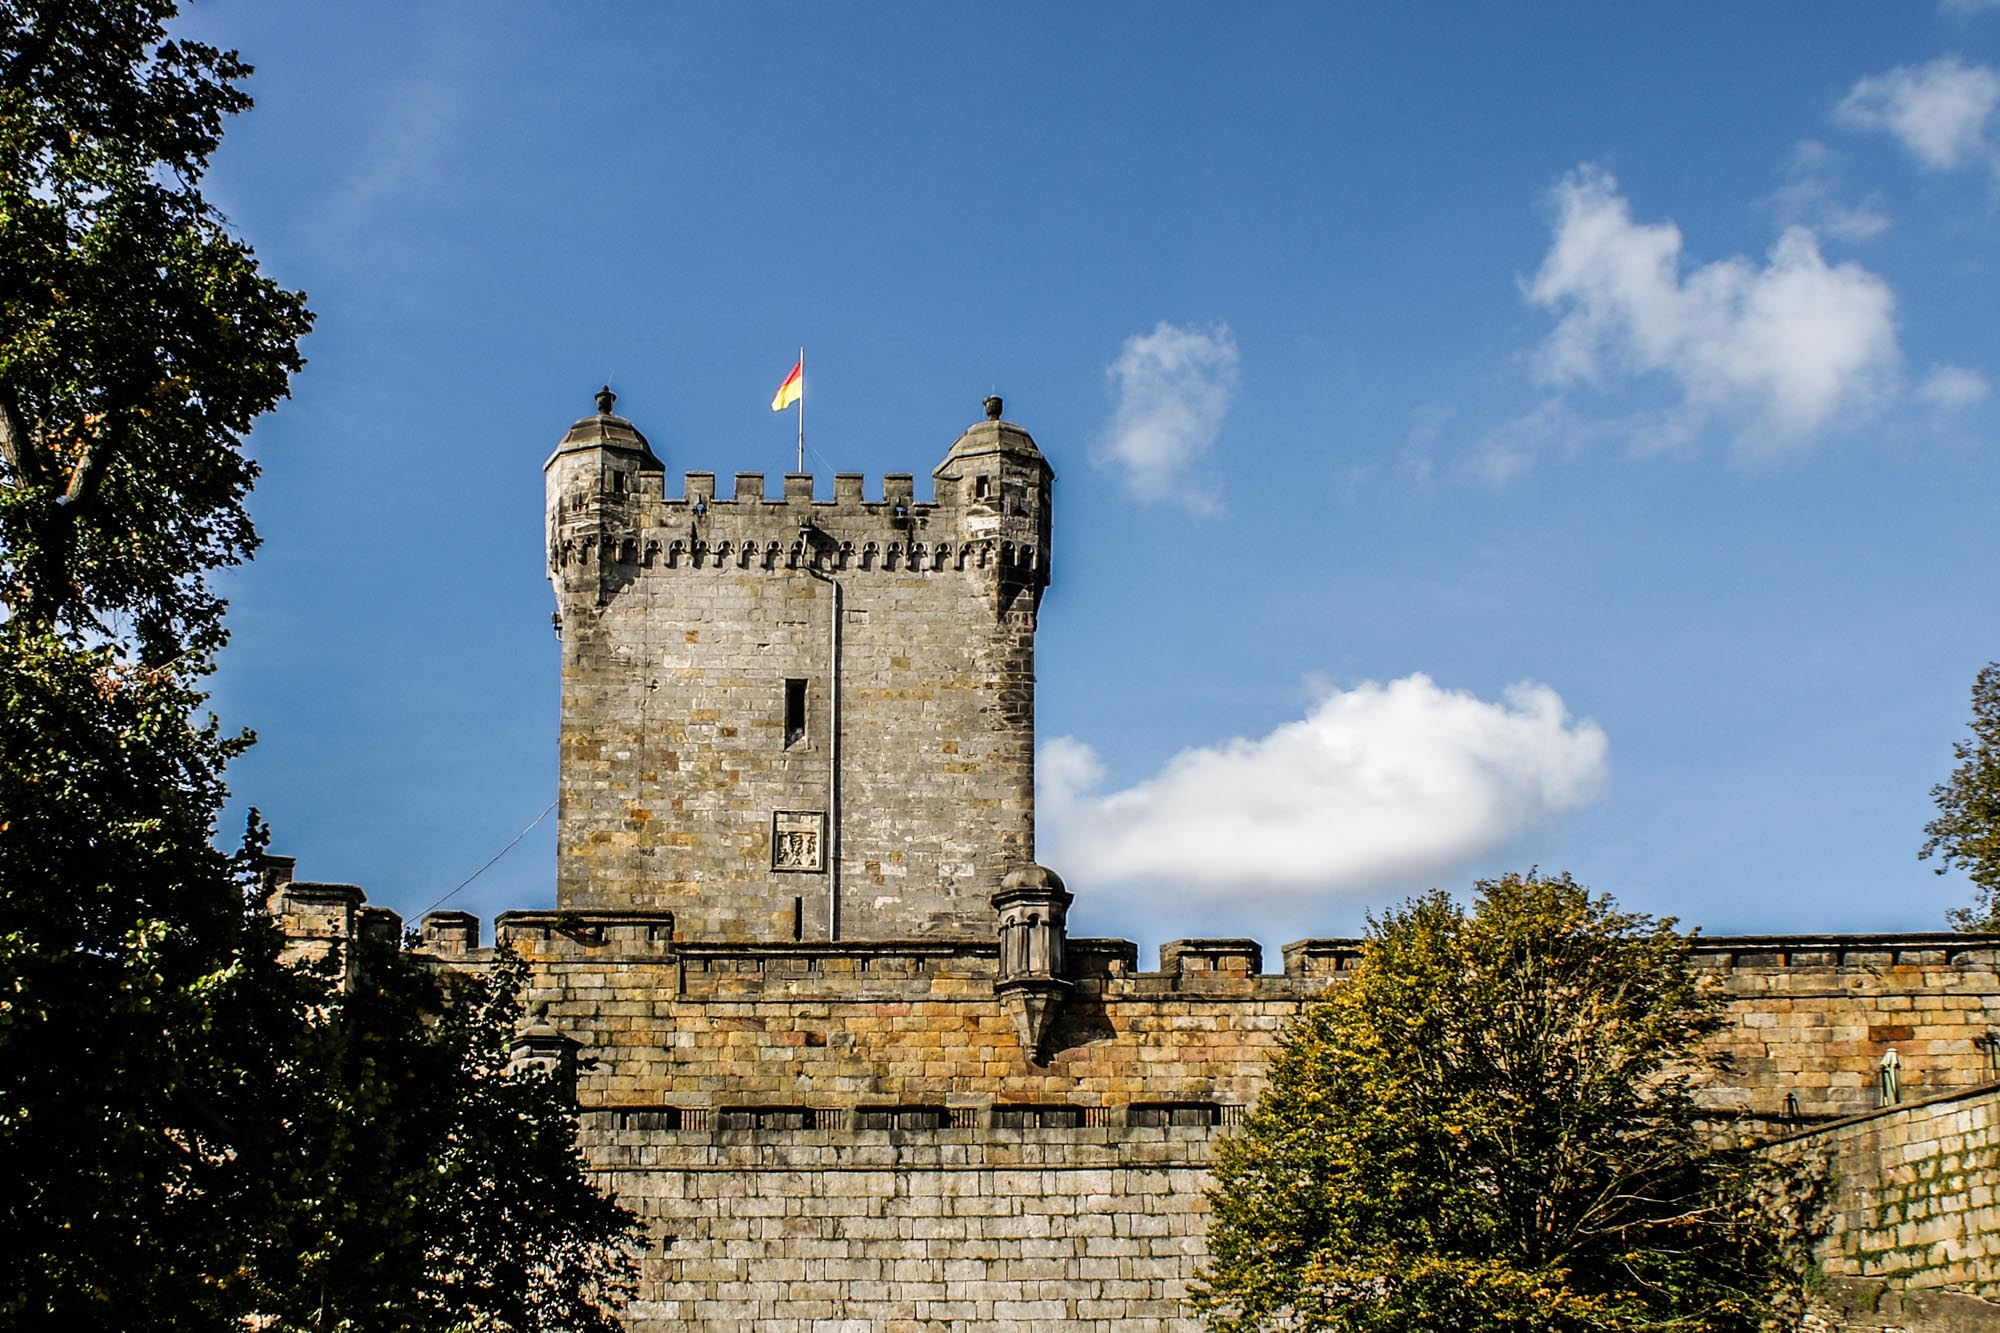 De Kruittoren van kasteel Bentheim © burgbentheim.de